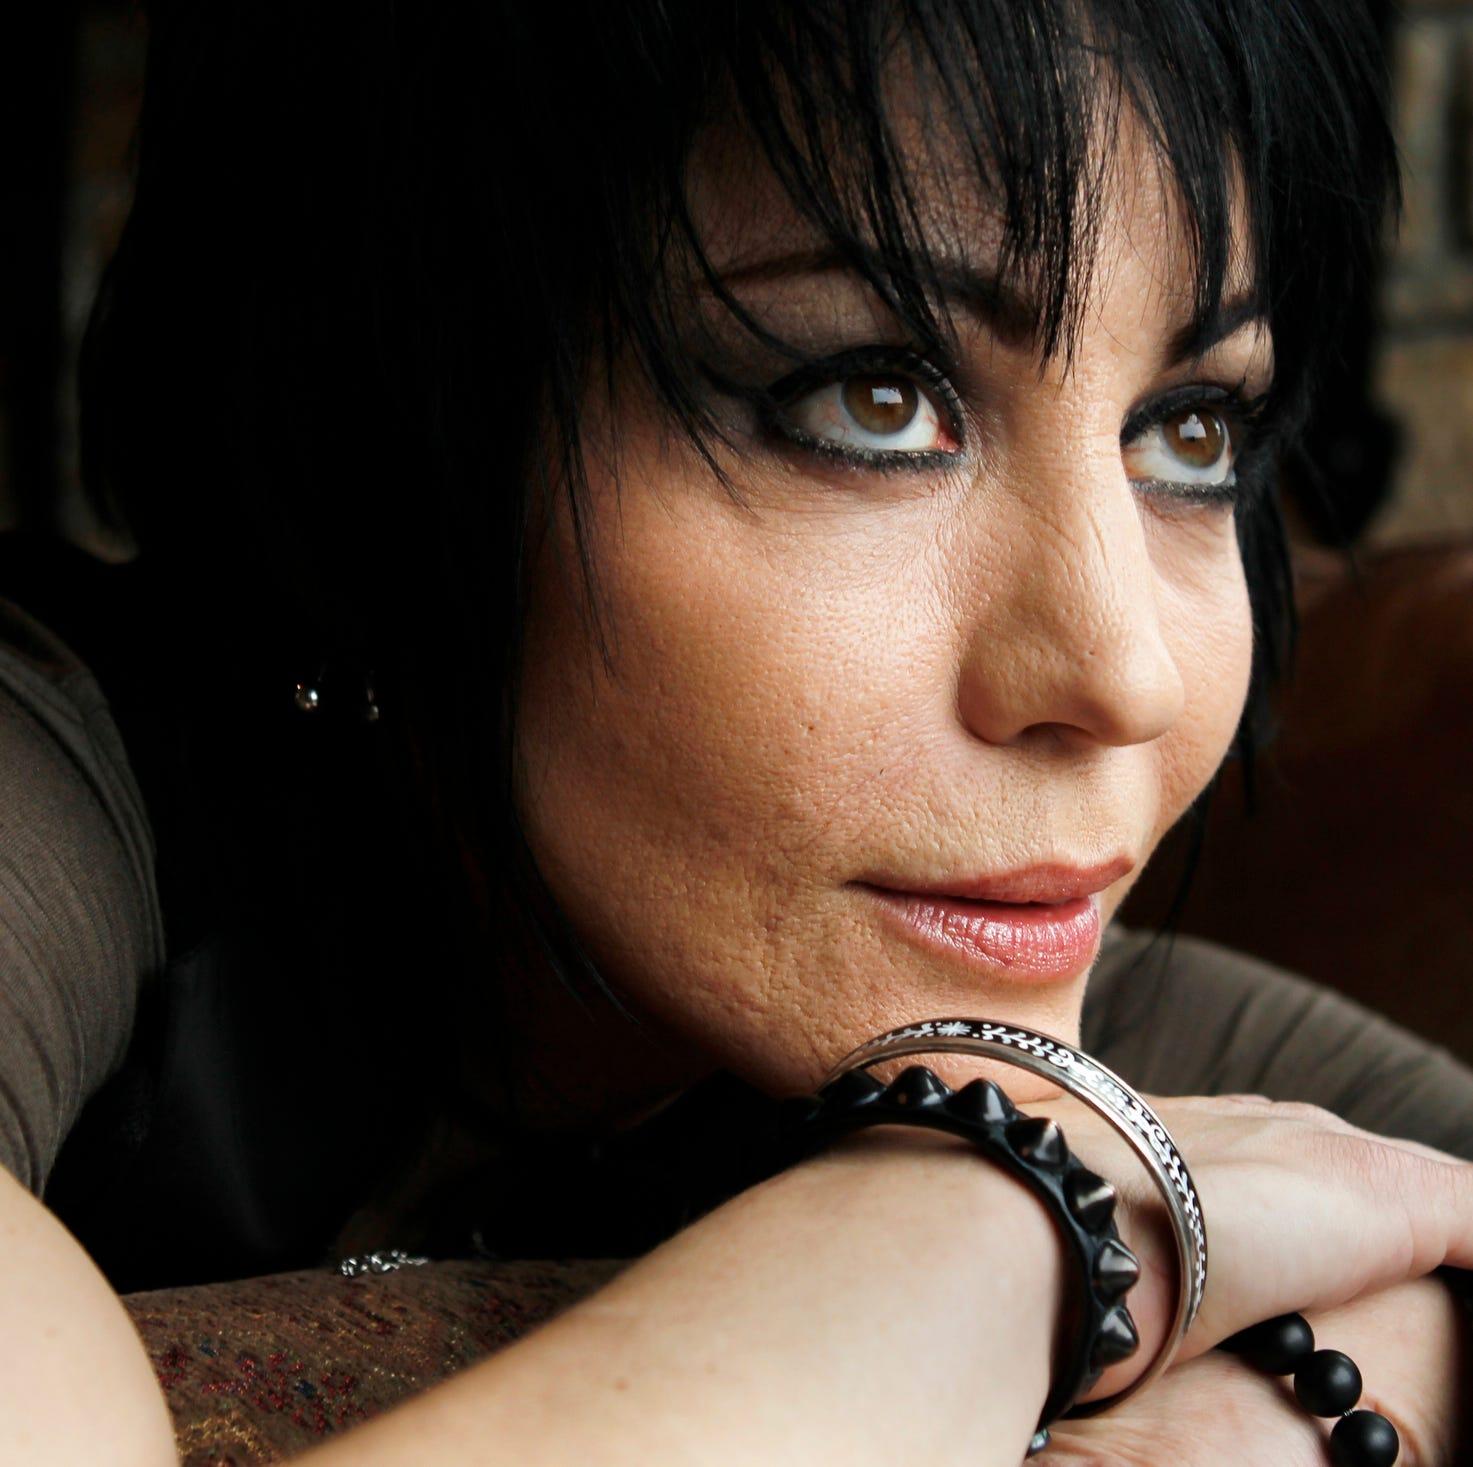 Joan Jett turns 60: Celebrating the feminist rock 'n' roll icon